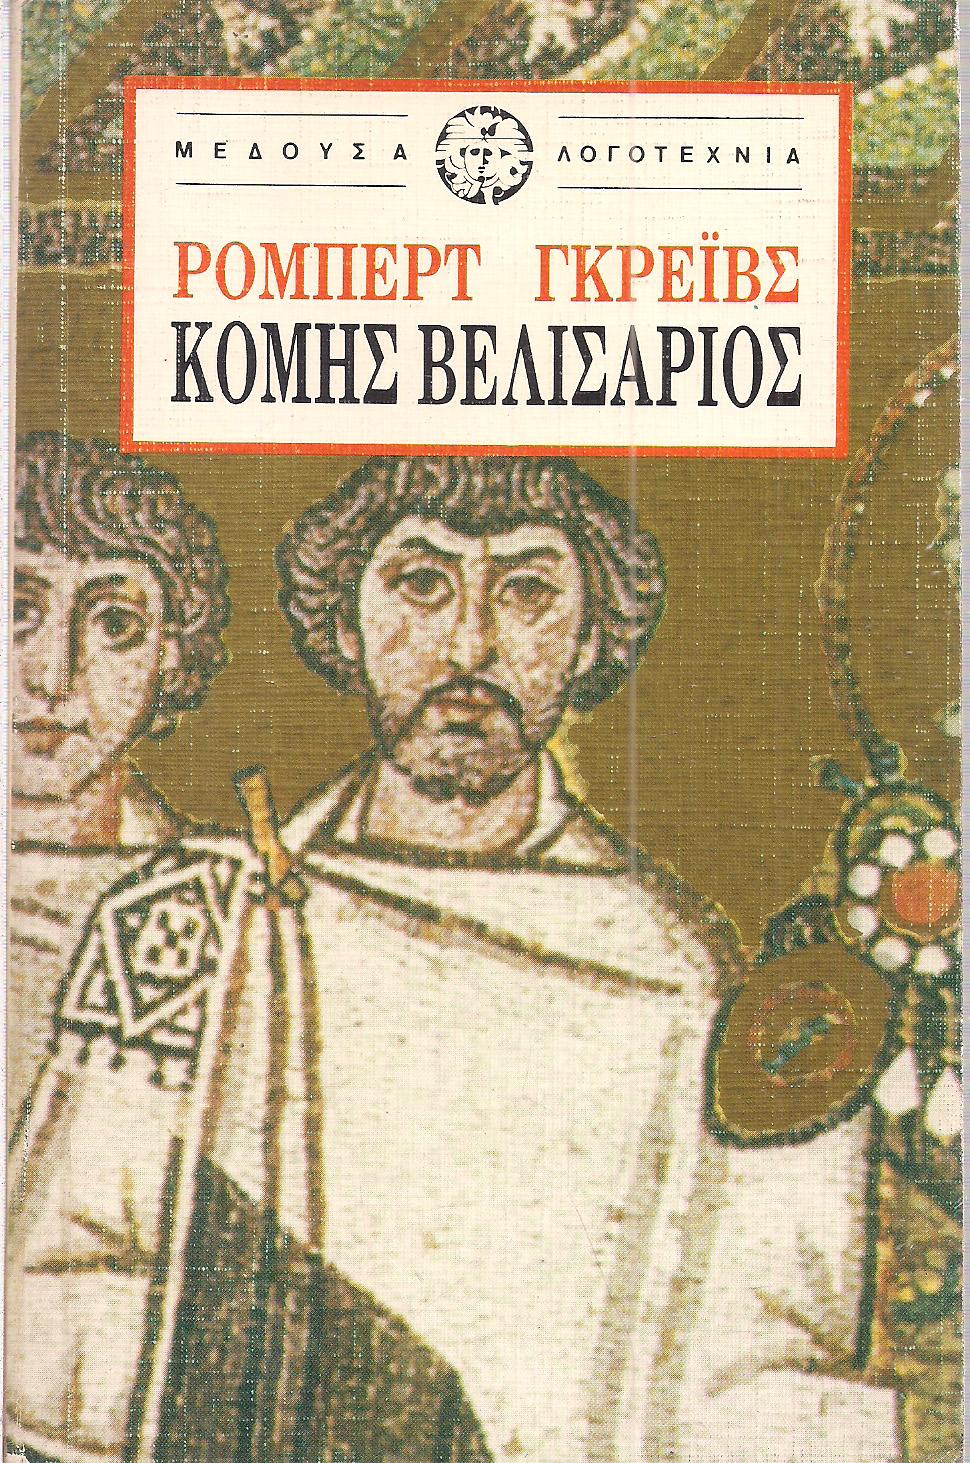 ΚΟΜΗΣ ΒΕΛΙΣΑΡΙΟΣ, ΡΟΜΠΕΡΤ ΓΚΡΕΪΒΣ, ΜΕΔΟΥΣΑ - Exlibris-Oldbooks.gr - Online  βιβλιοπωλείο με βιβλία παλαιών εκδόσεων, κλασικά και νέα μυθιστορήματα,  σπάνιες εκδόσεις, συγγραφείς, αντίκες, σπάνια νομίσματα, παλαιοβιβλιοπωλείο